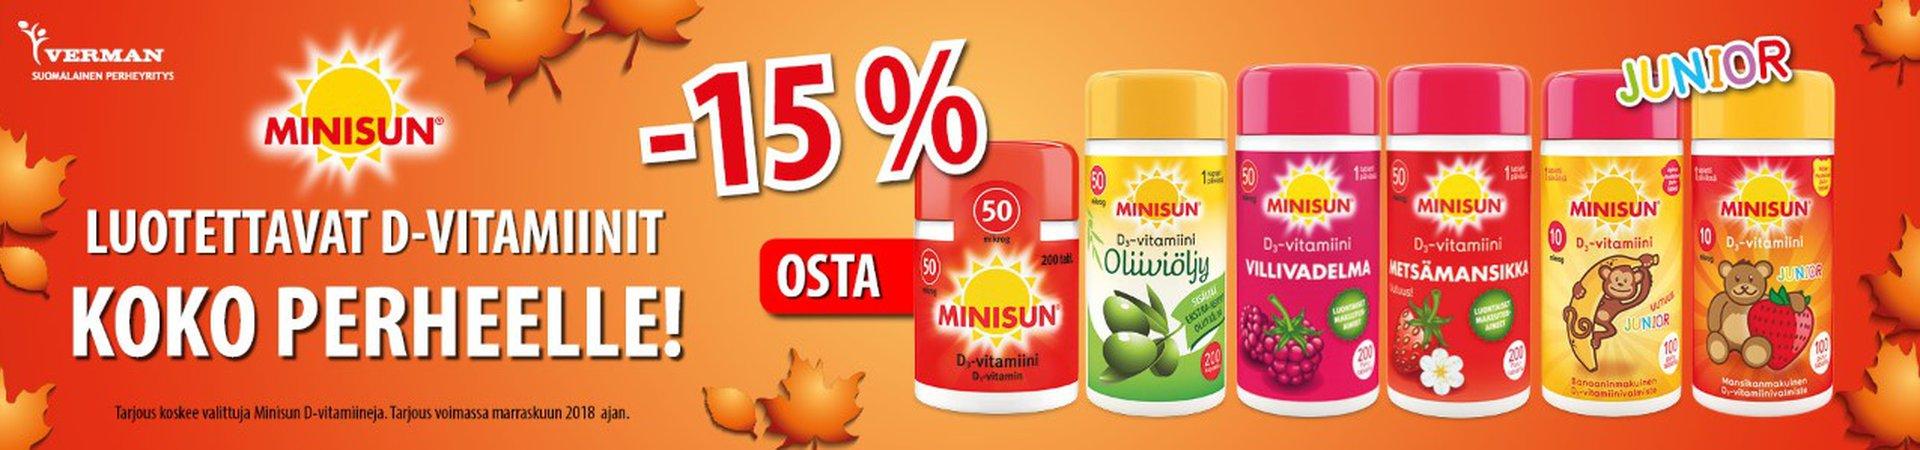 Minisun D-vitamiineja -15 % marraskuussa